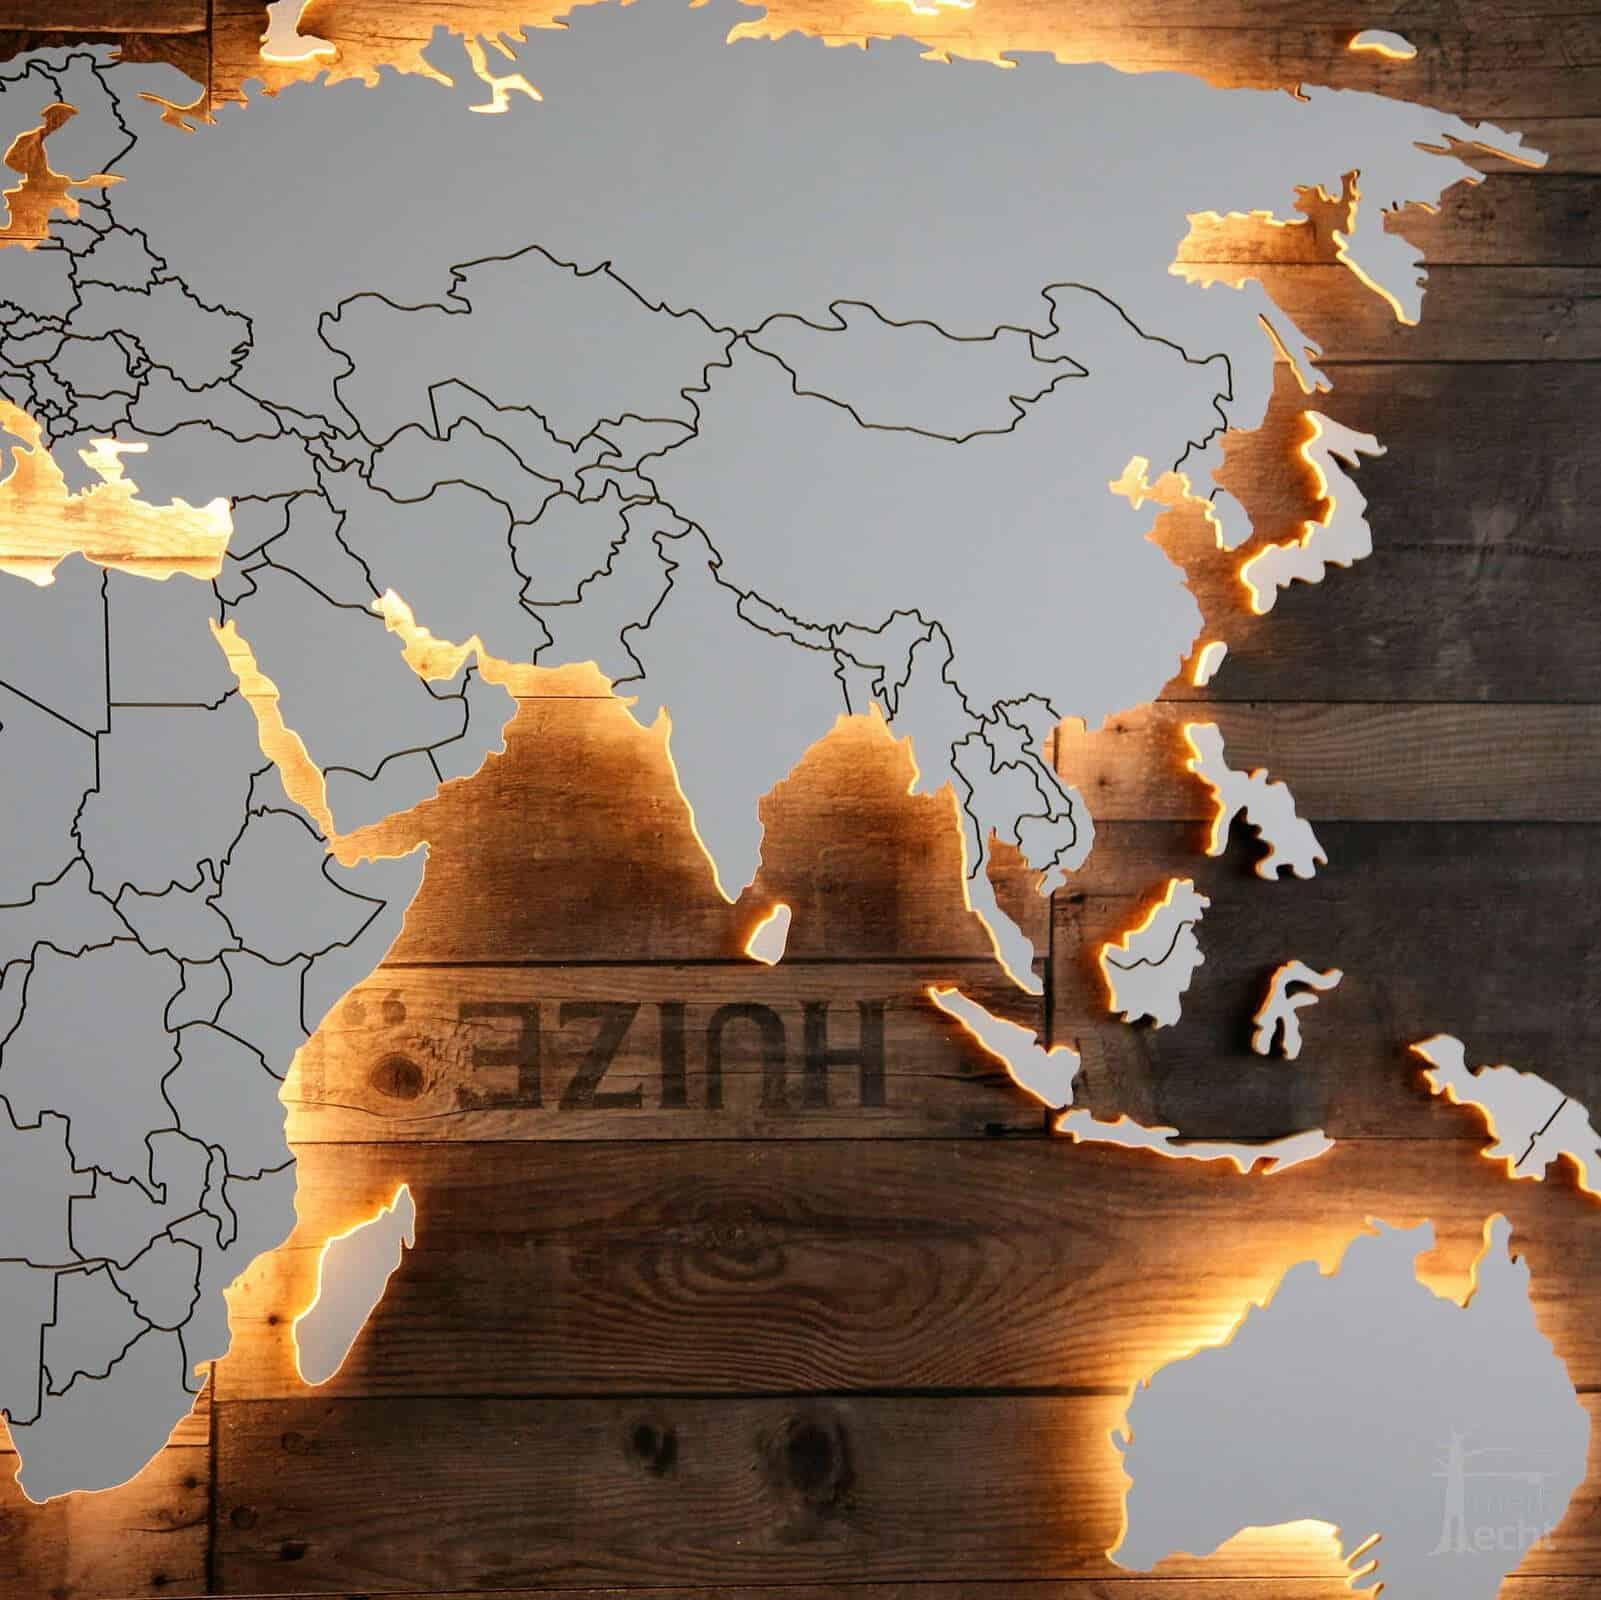 Weltkarte-Holz-Ländergrenzen-Wohnzimmer-Sofa-Wandbild-Beleuchtung